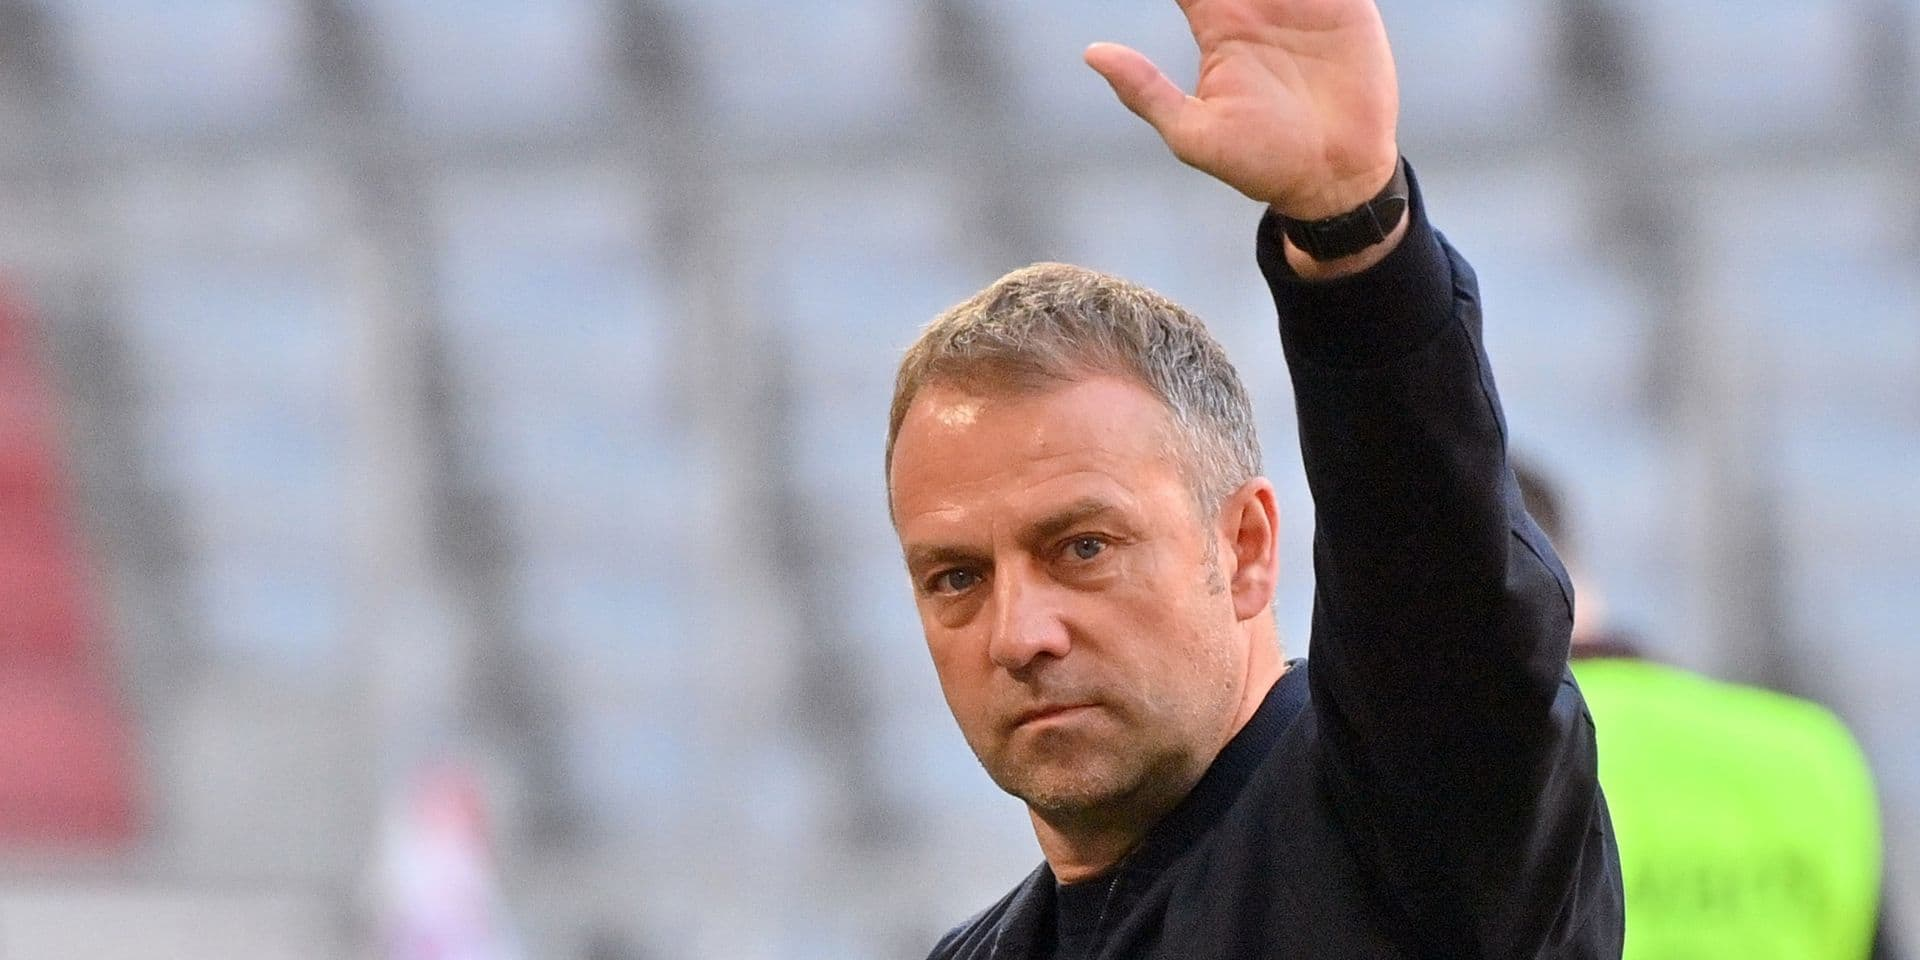 Hansi Flick succèdera à Joachim Löw comme sélectionneur de l'Allemagne après l'Euro